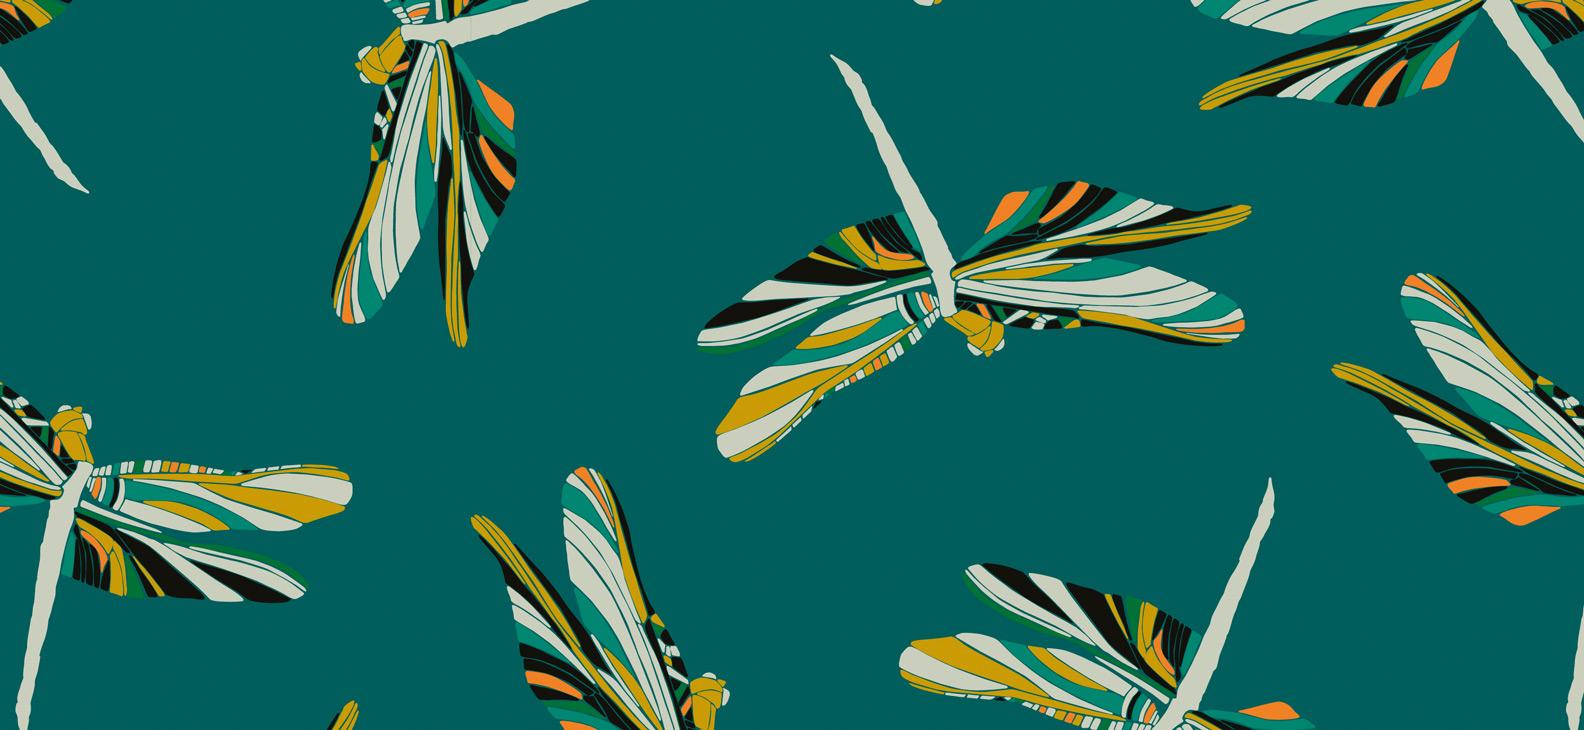 Papier Peint Ressource, Collection Faune & Flore, Motif Demoiselles, Variation D04